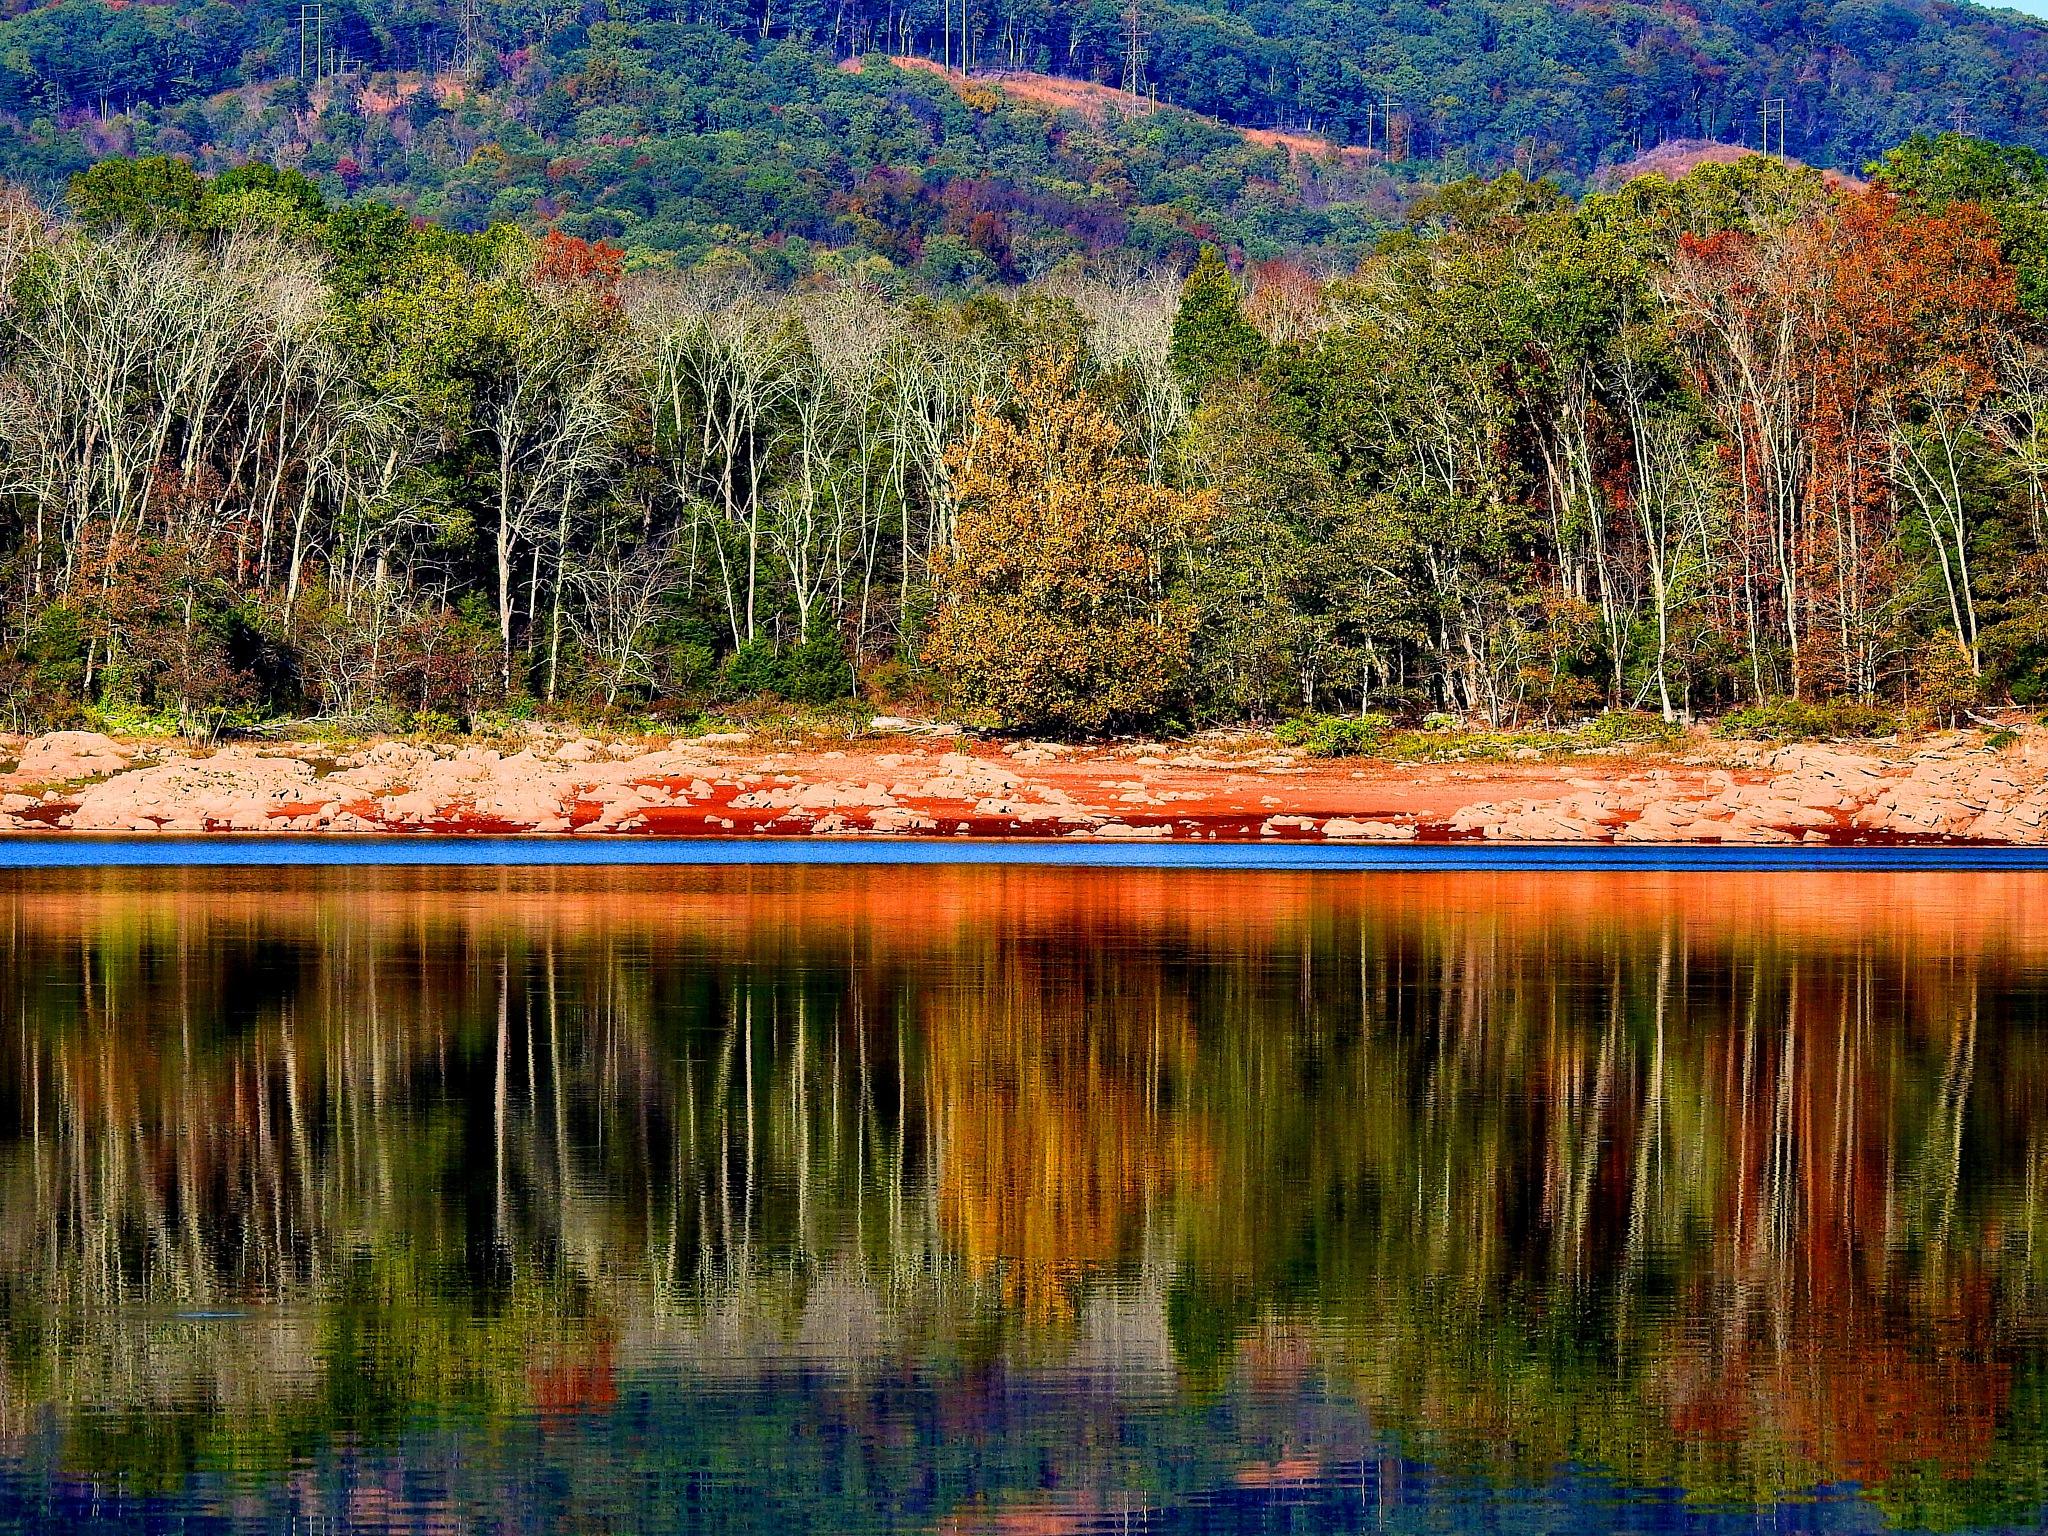 Fall Lake Reflections by Patty Stockton